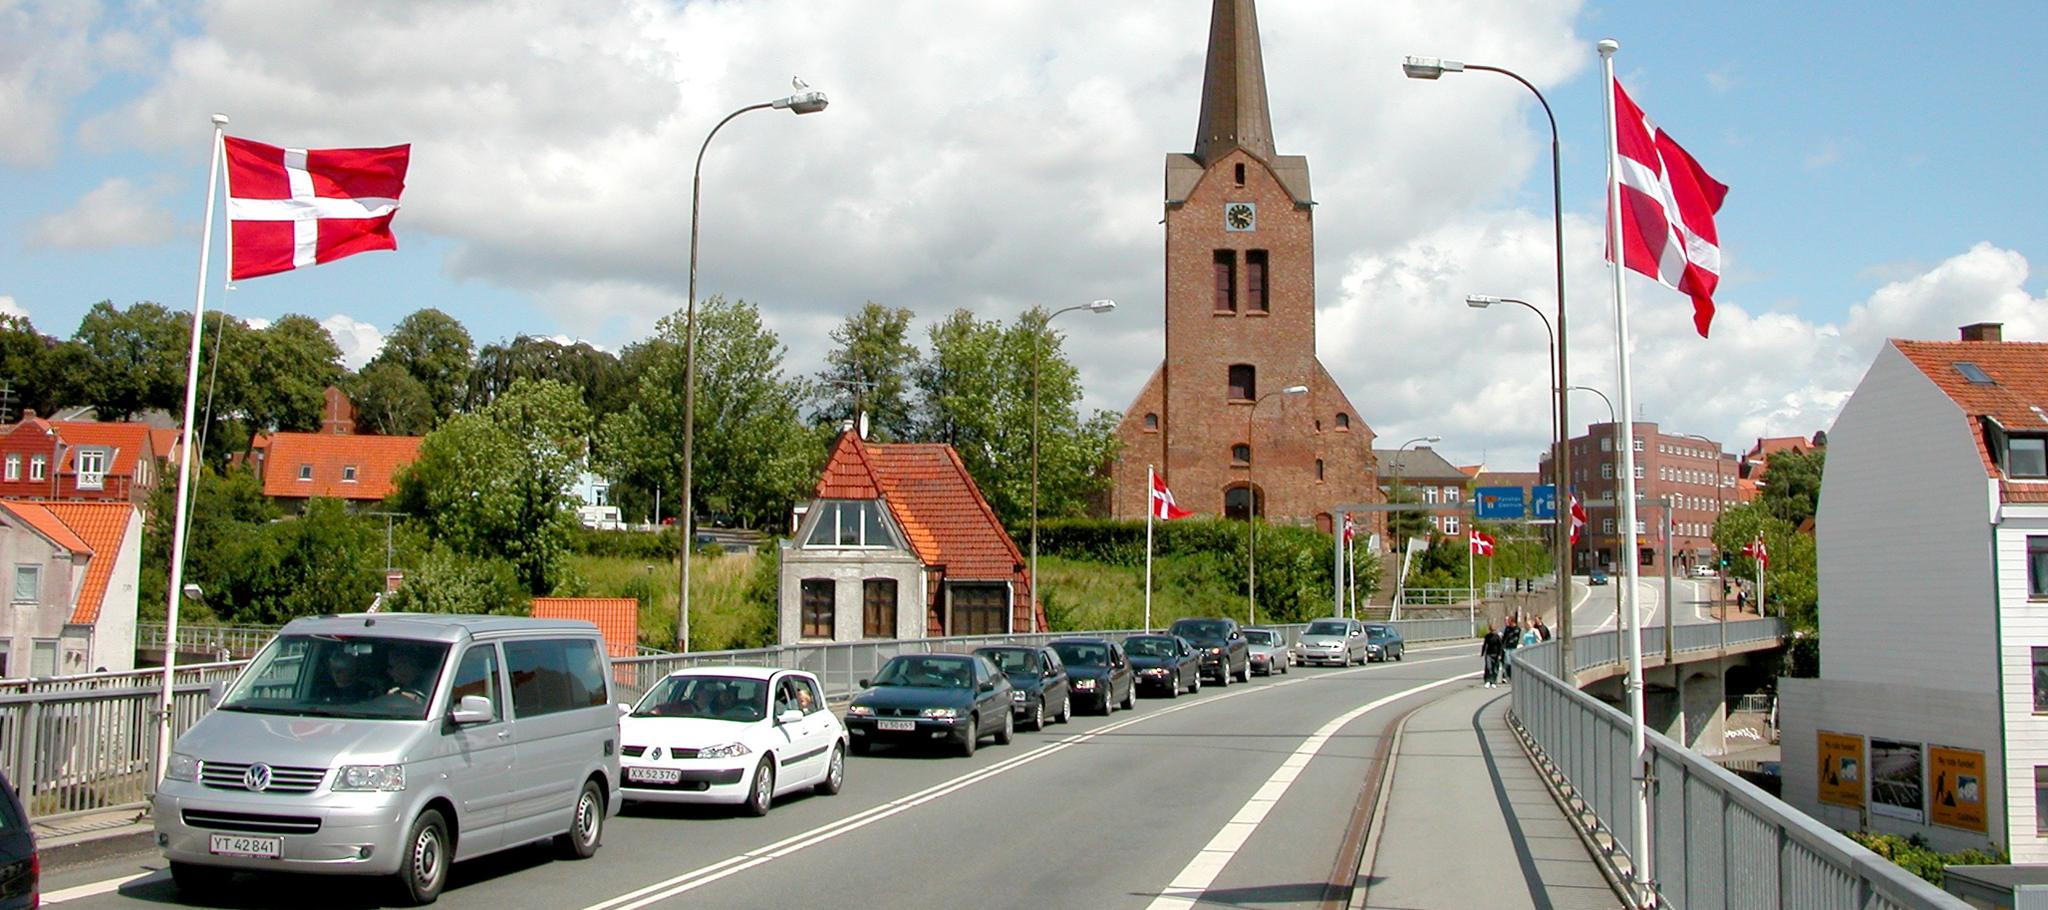 festlige, flotte sønderjylland